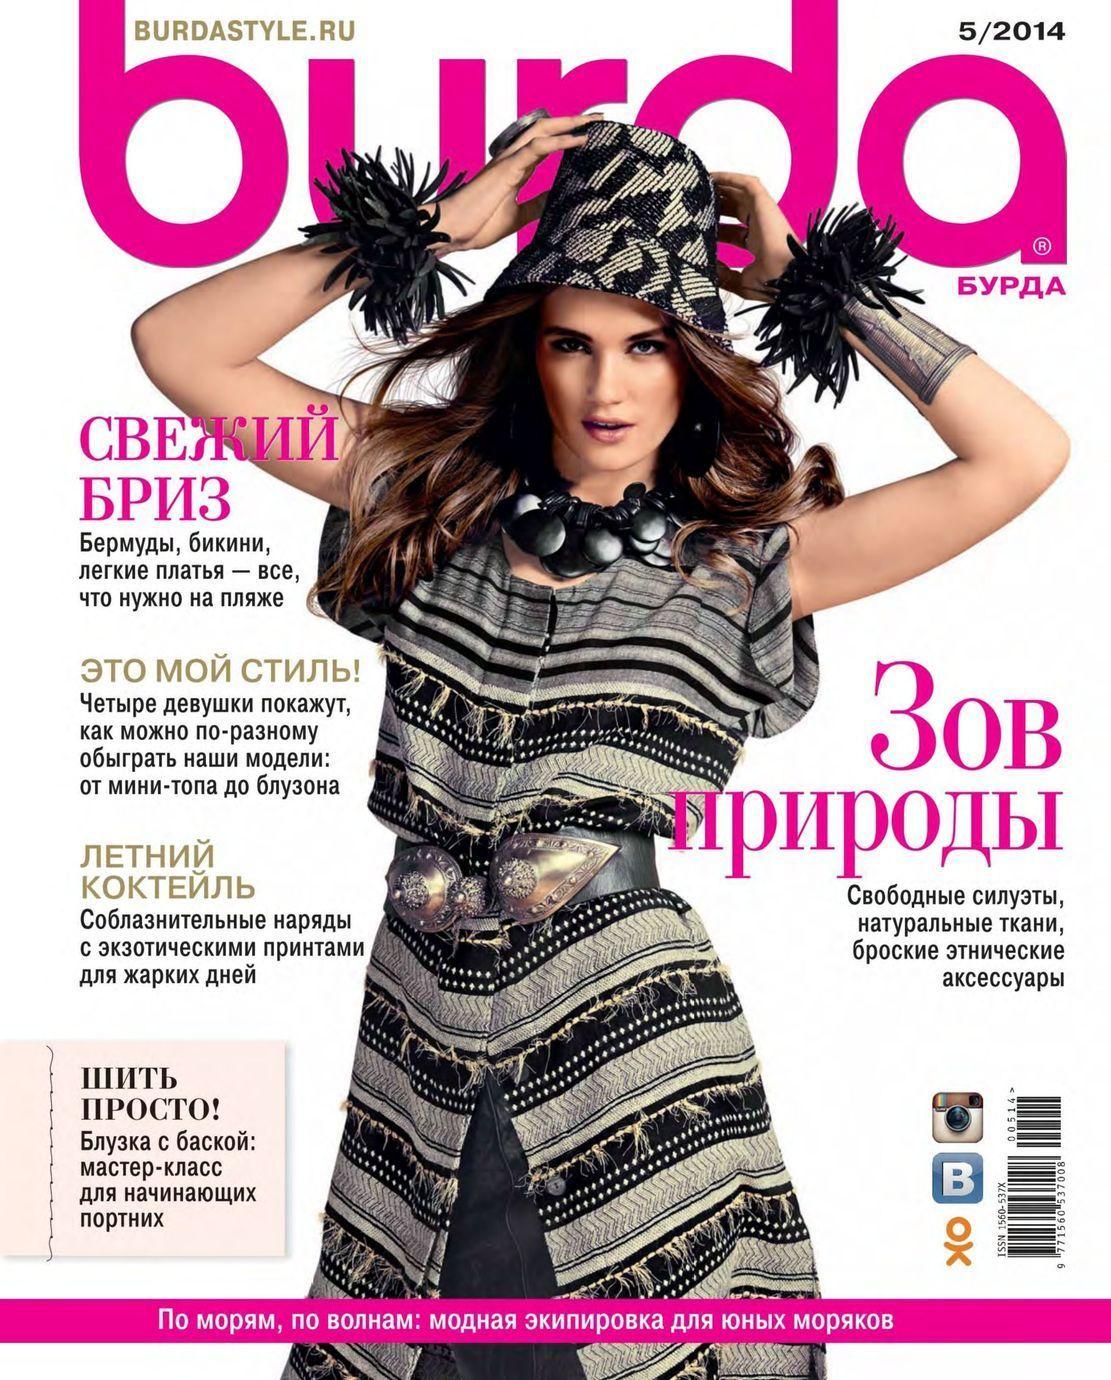 Журнал Burda Moden № 5/2014, Выкройки для шитья, Москва,  Фото №1